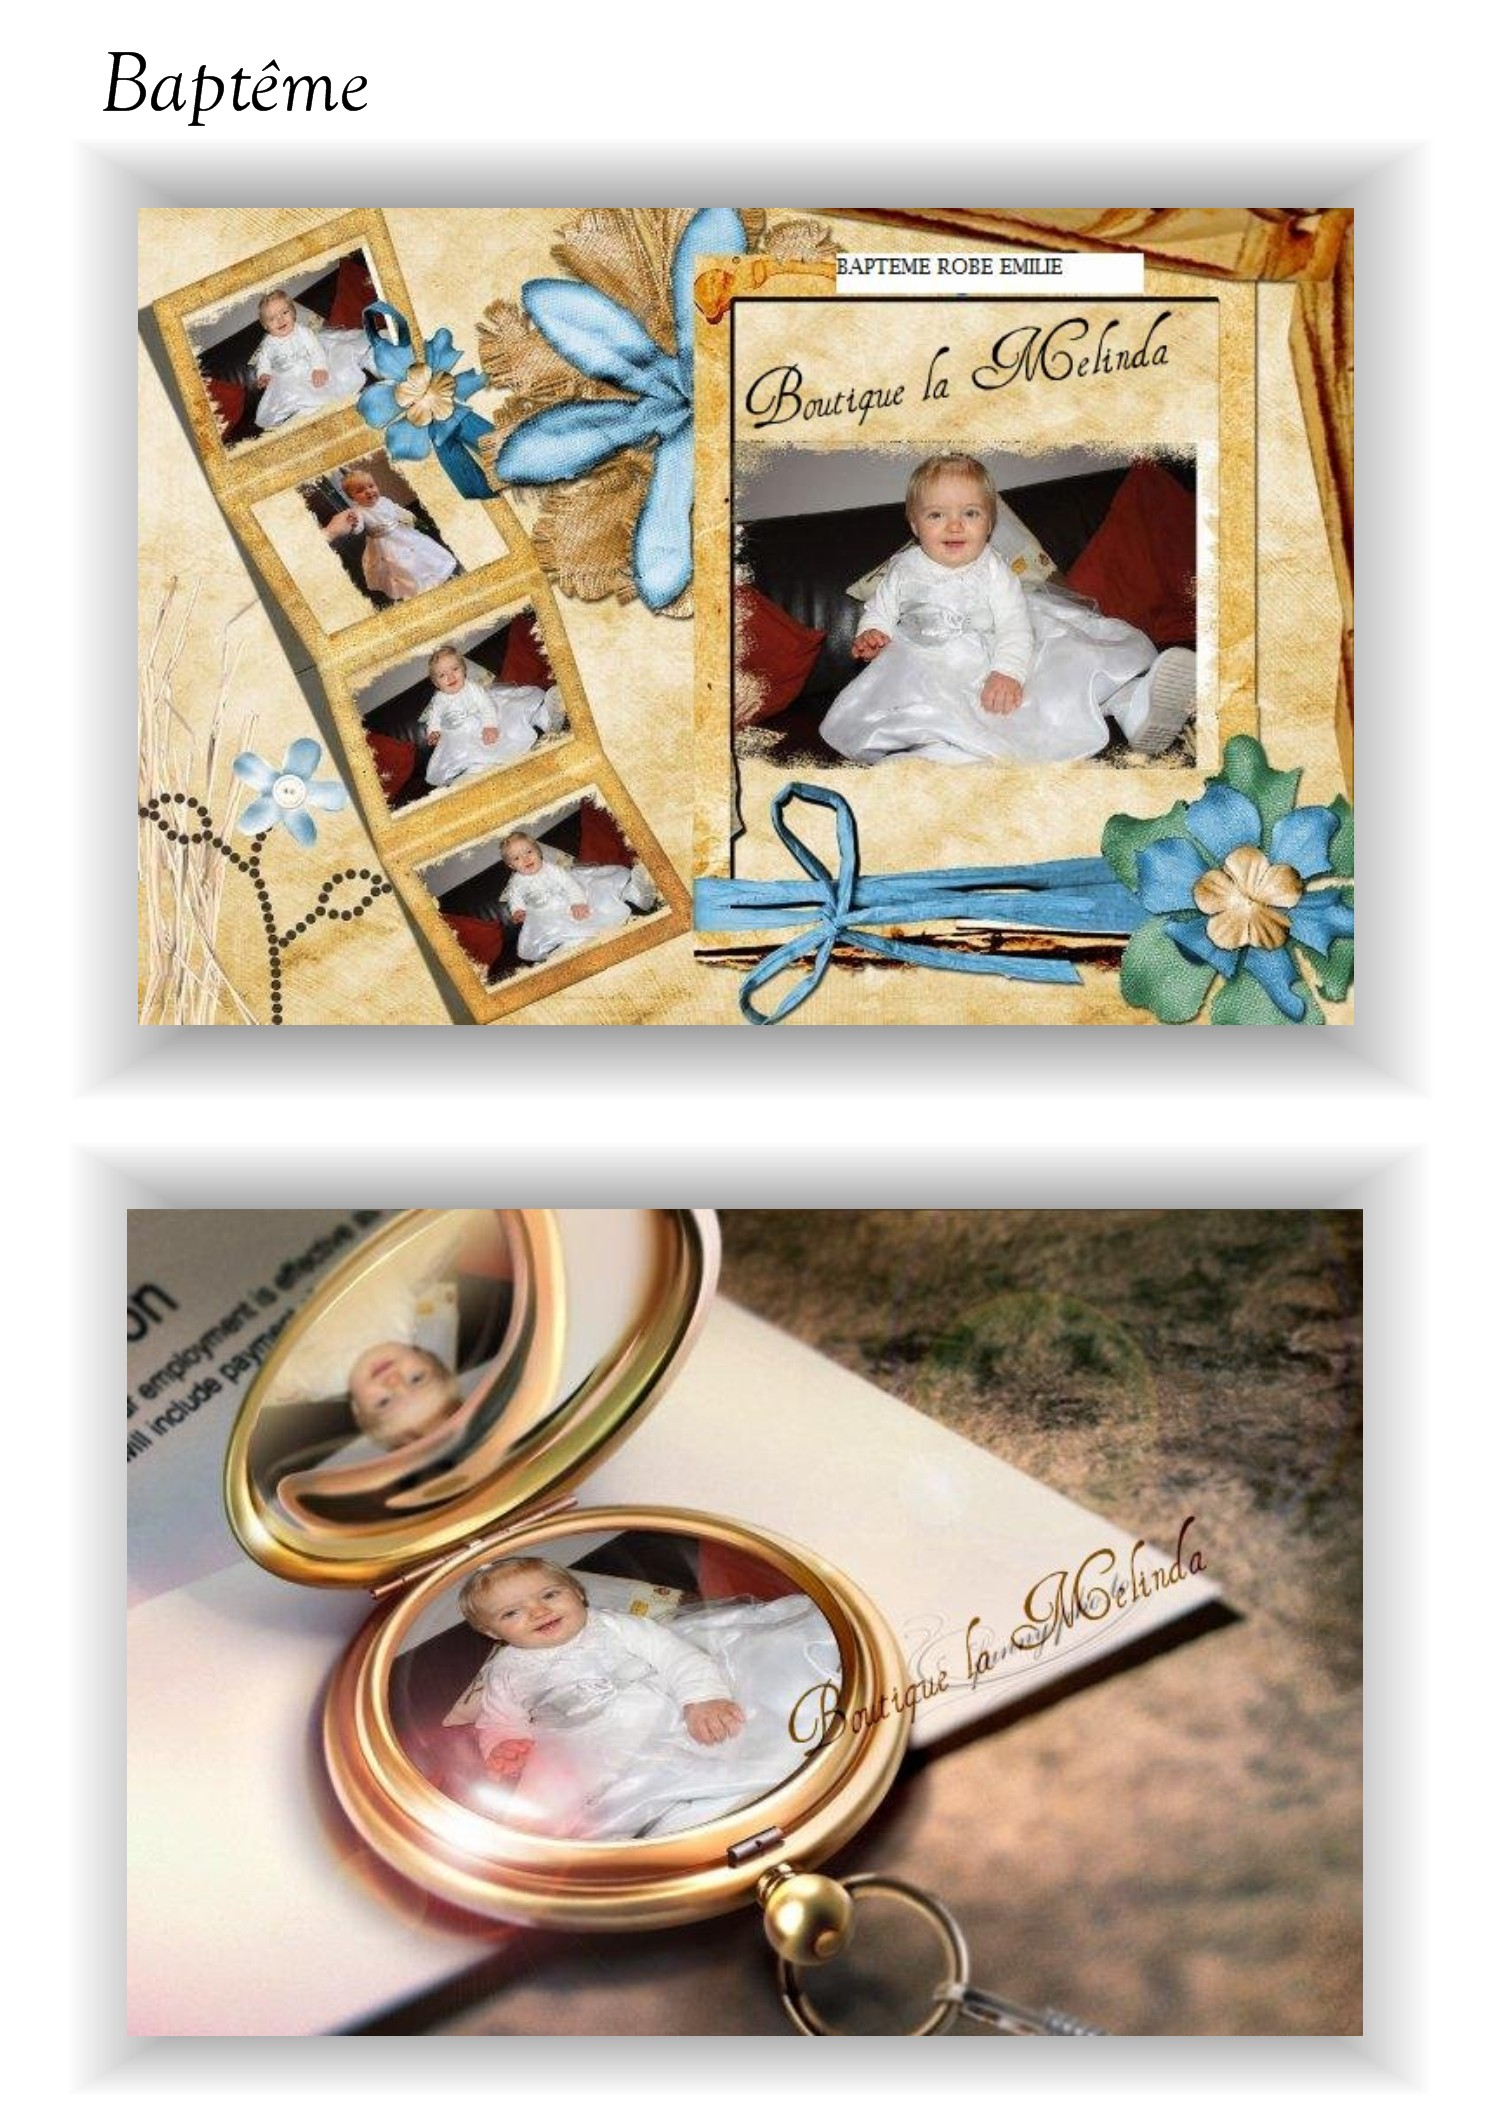 BOUTIQUE LA MELINDA CEREMONIE BAPTEME ENFANT PORTUGAL ALBUM photo 5.jpg